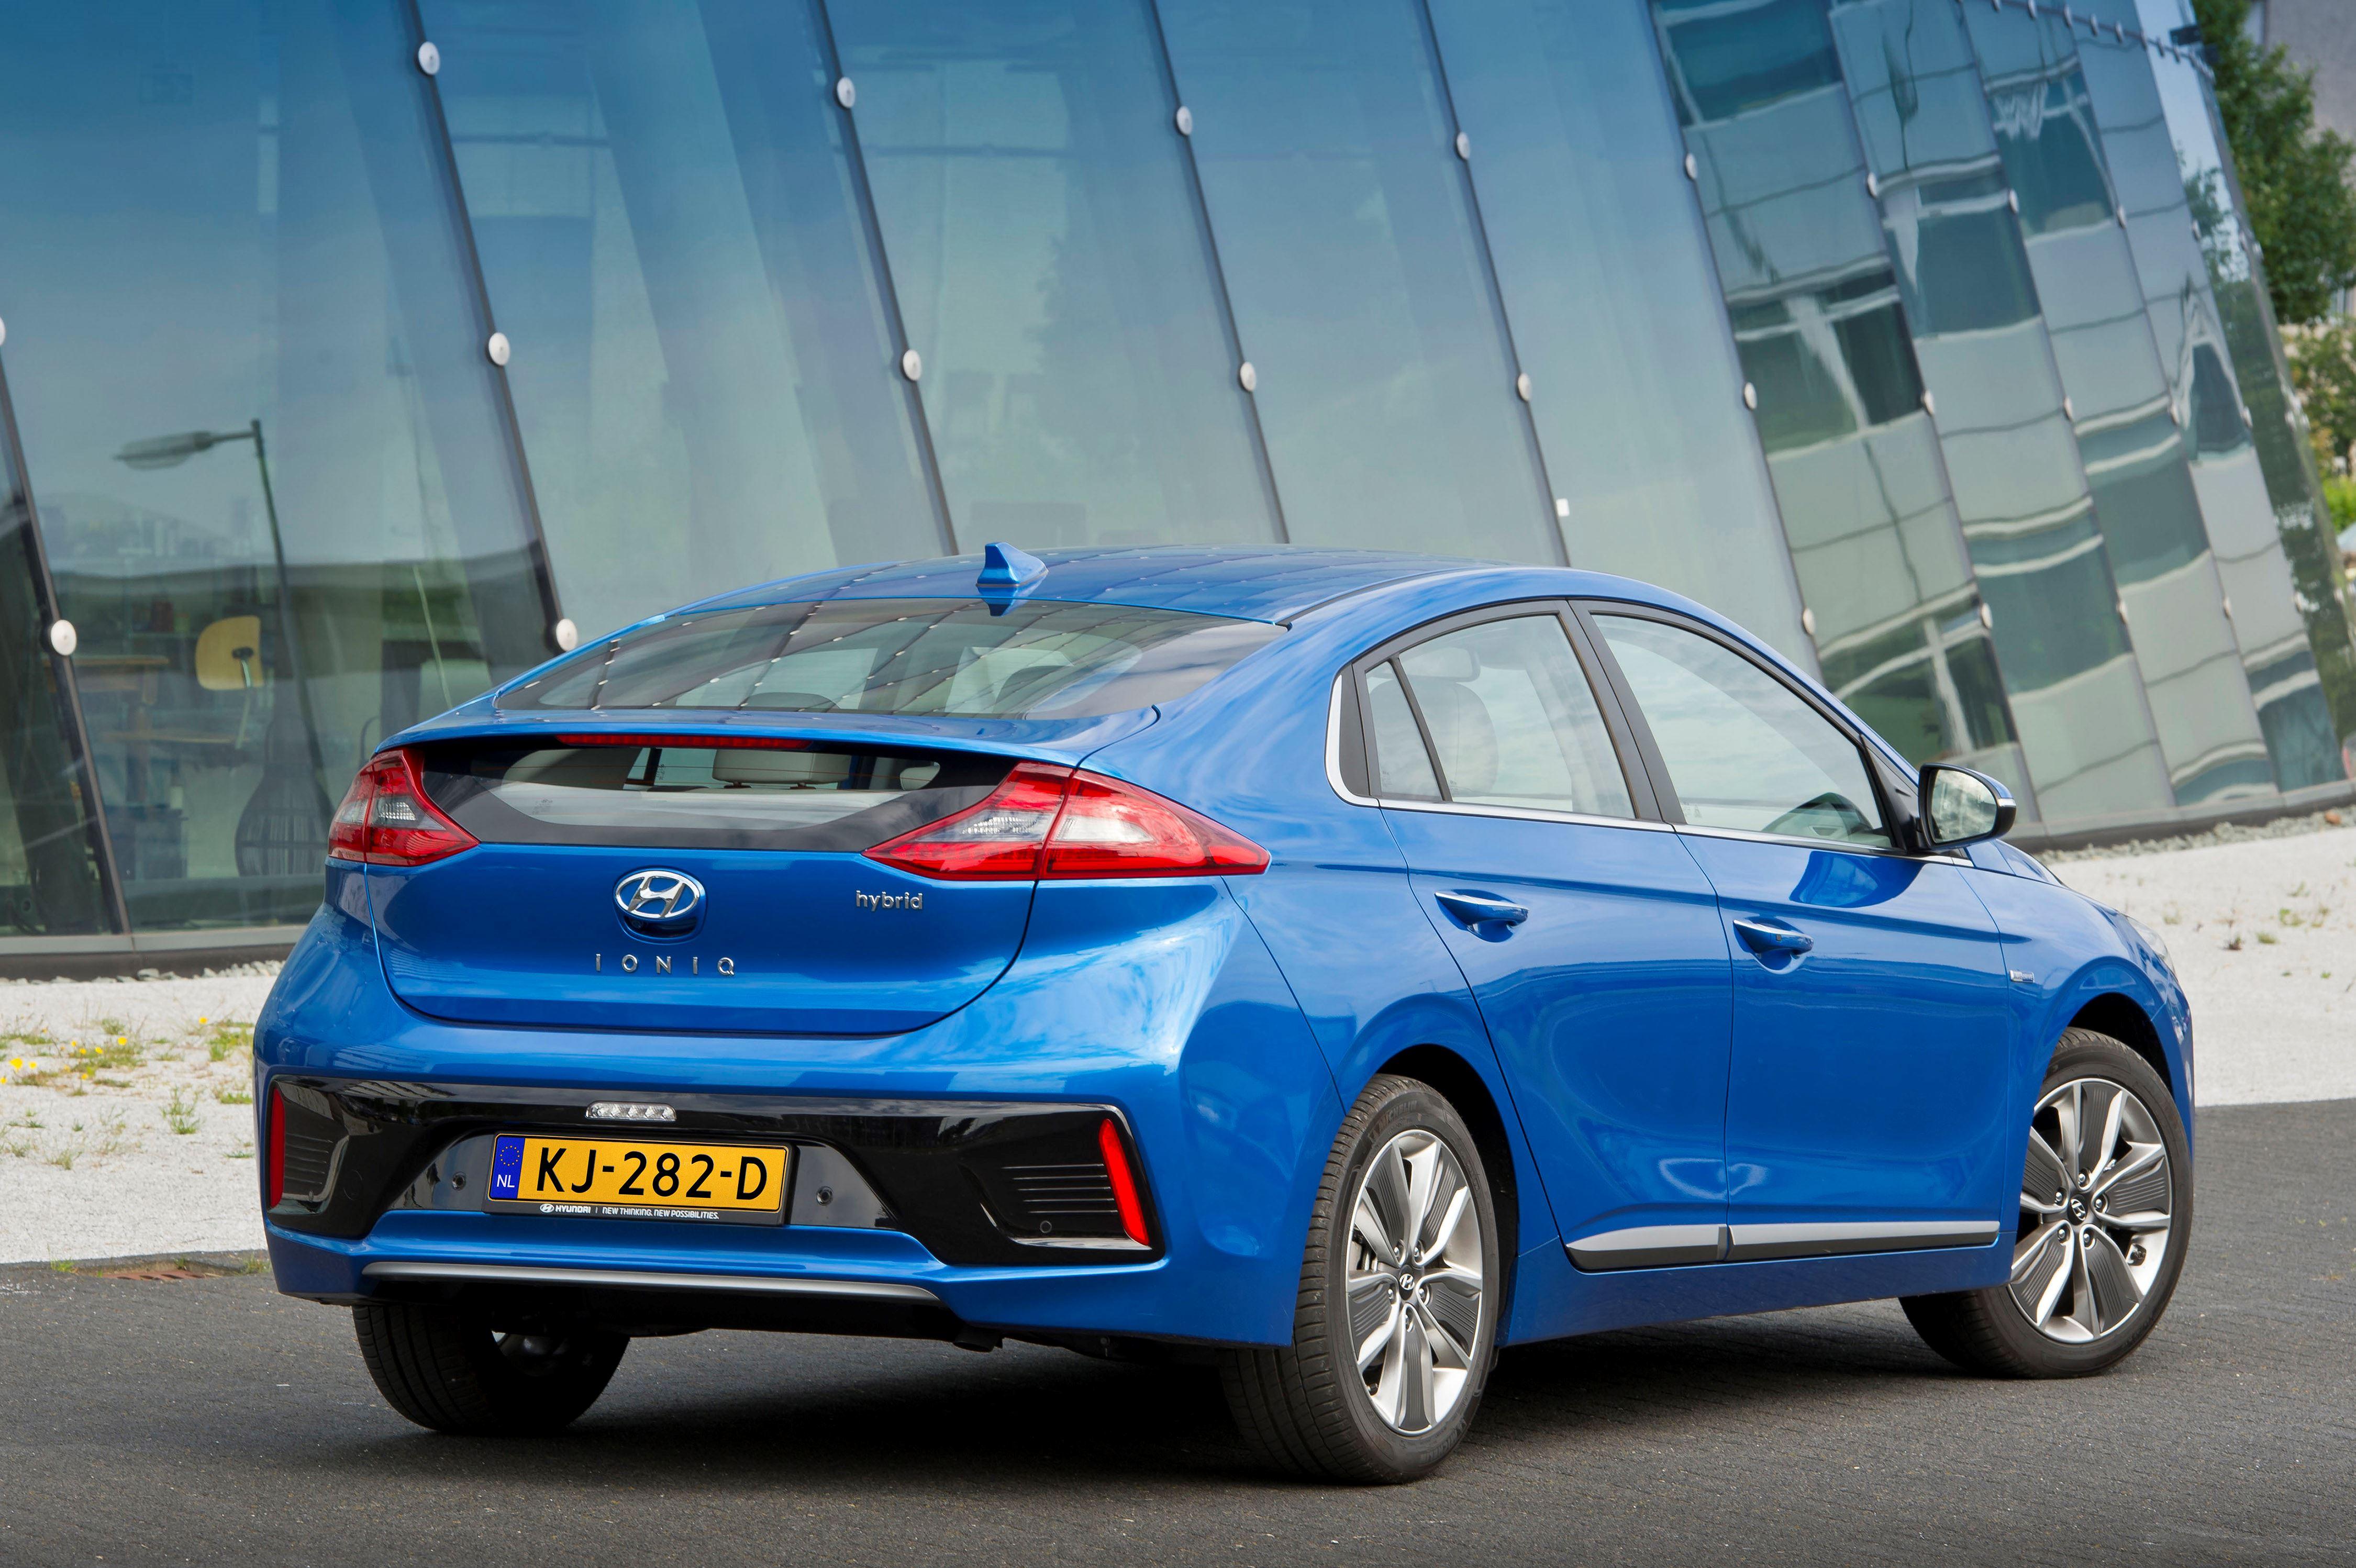 02-Veilig-en-verstandig-geheel-nieuwe-Hyundai-IONIQ-scoort-vijf-sterren-in-Euro-NCAP-crashtests.jpg